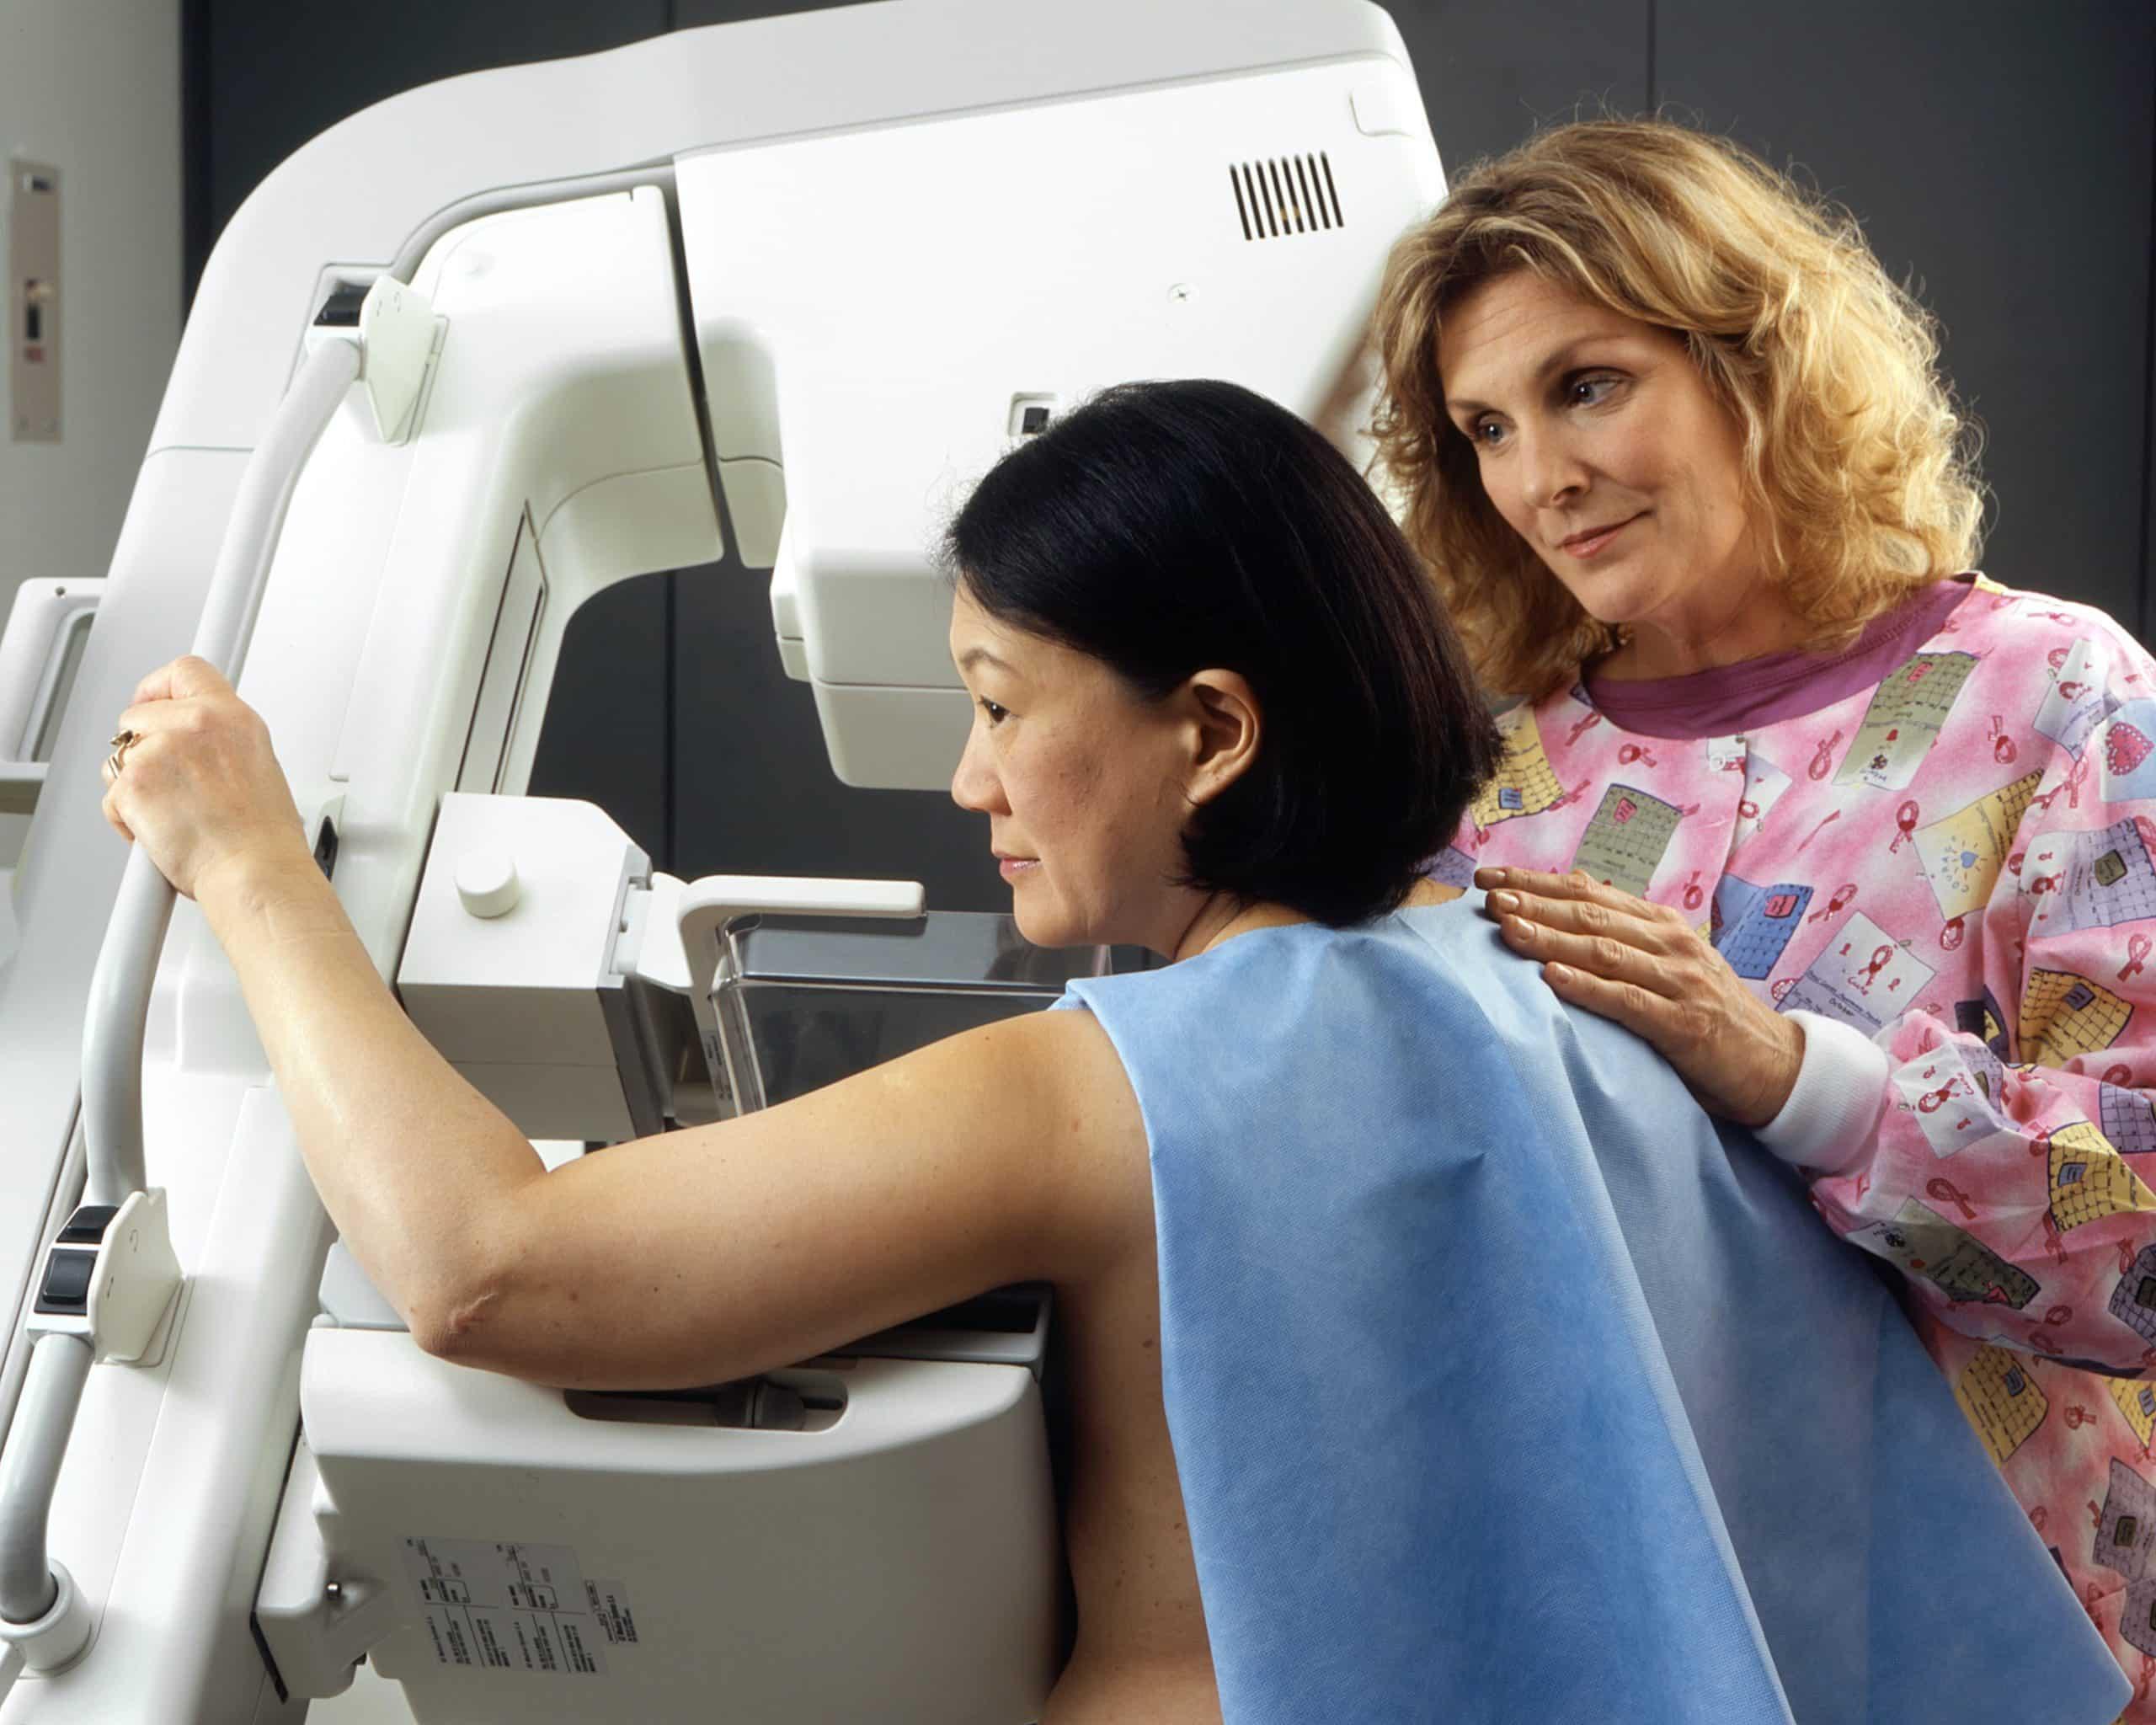 Bezpłatna mammografia na Dolnym Śląsku. Urząd Marszałkowski apeluje o profilaktykę raka piersi!